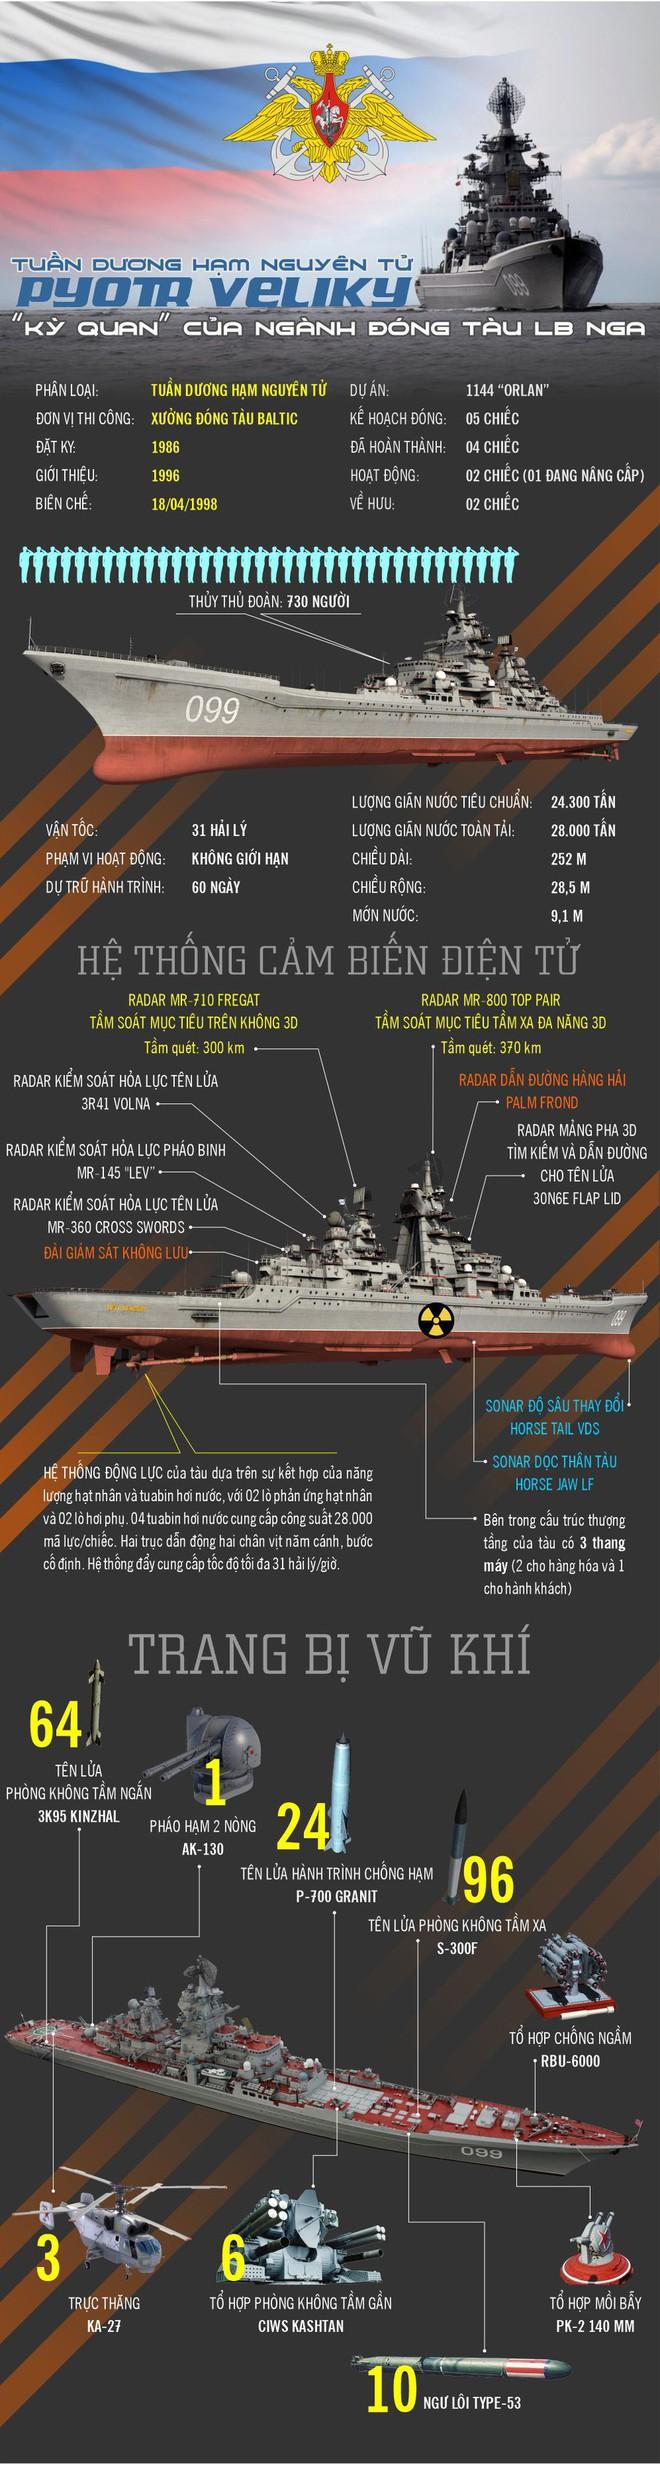 """Infographic: Tuần dương hạm Pyotr Velinky """"kỳ quan của ngành đóng tàu Nga - ảnh 1"""